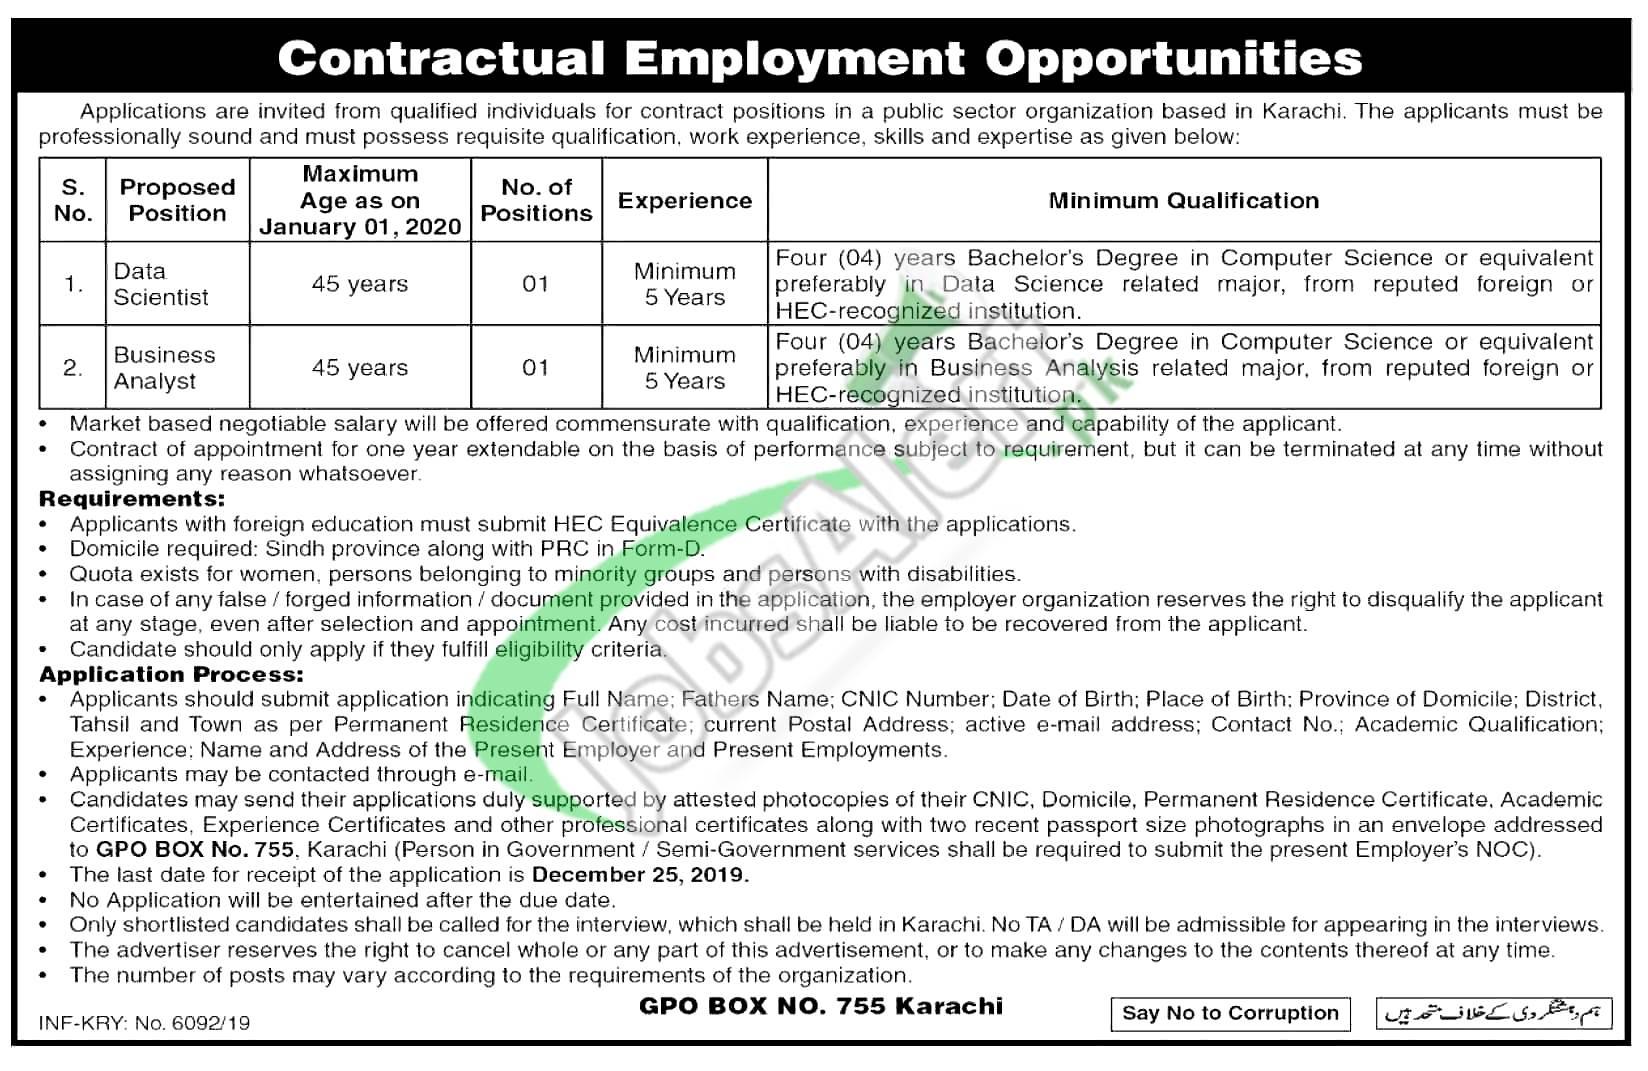 Contractual Employment Opportunities 2019 Jobs